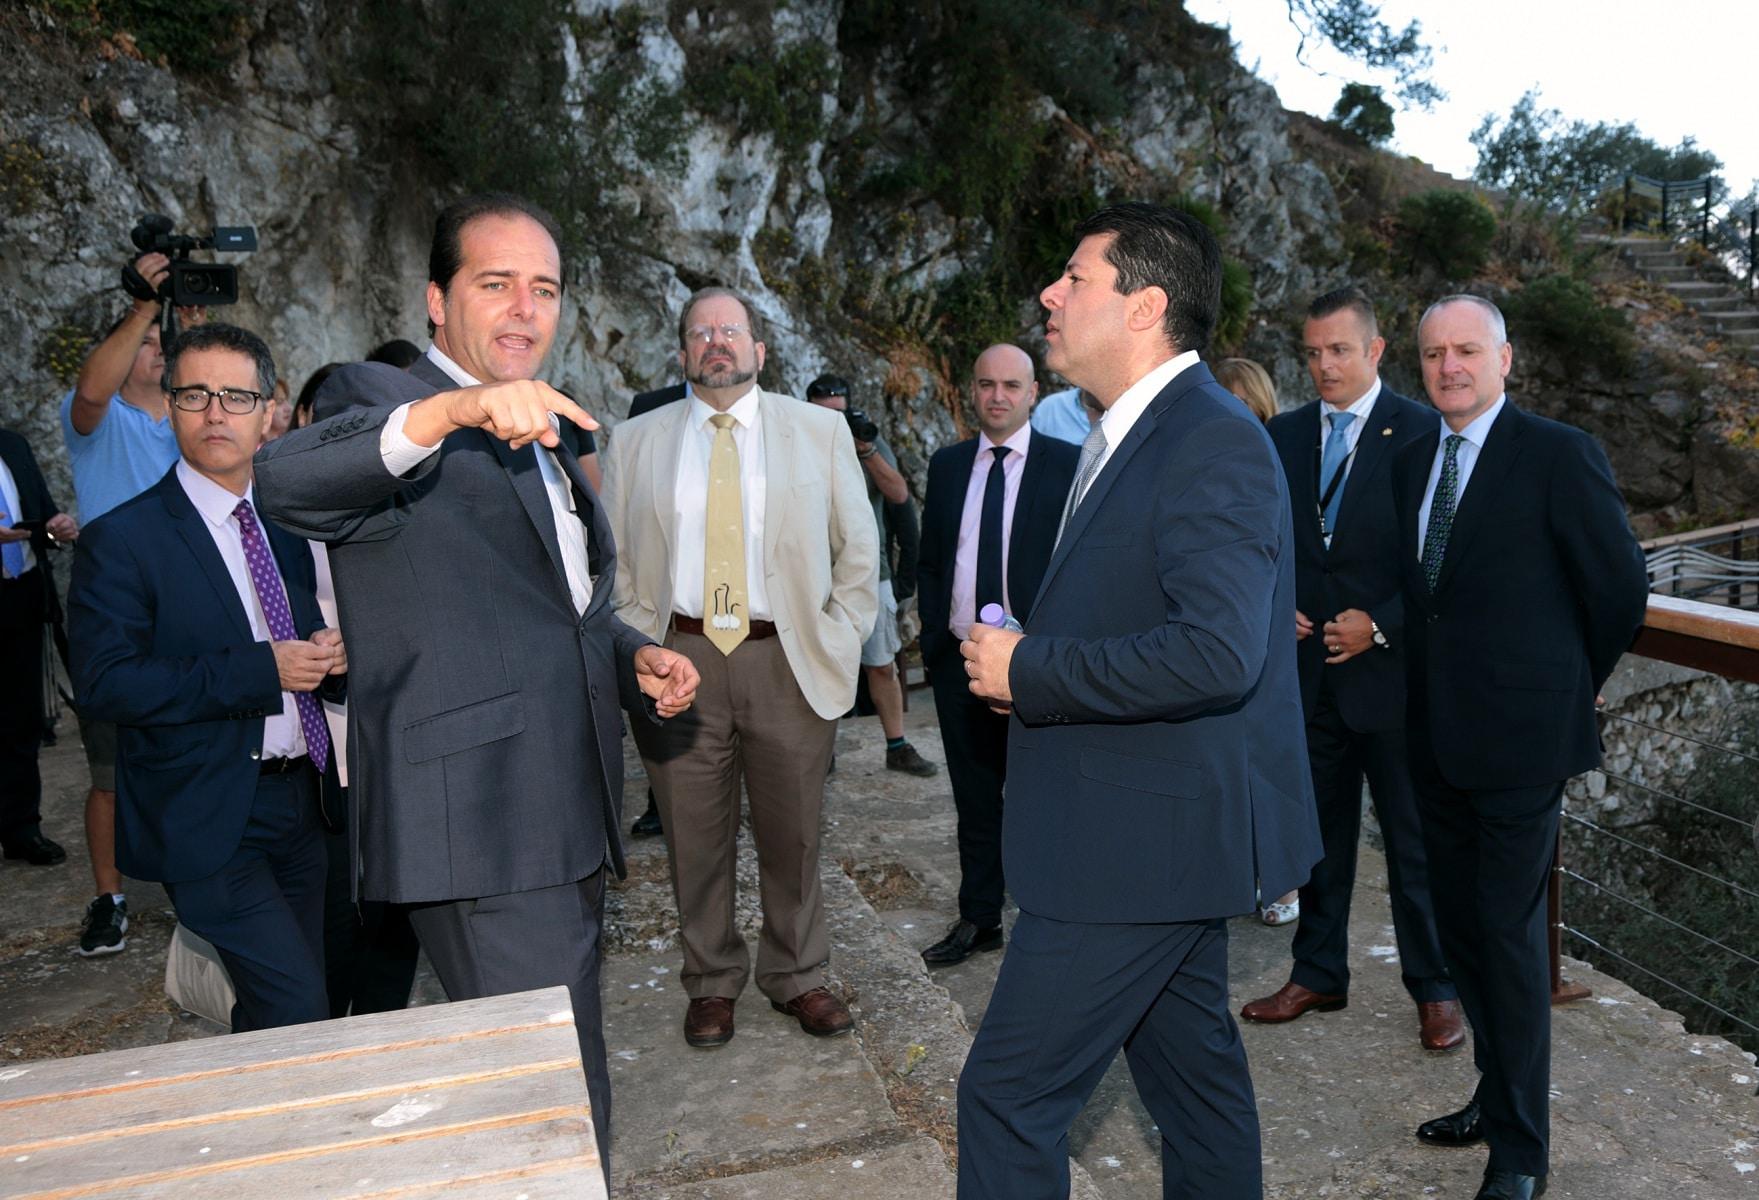 21-jun-2016-inauguracin-puente-colgante-en-la-reserva-natural-del-pen-de-gibraltar_27556206230_o